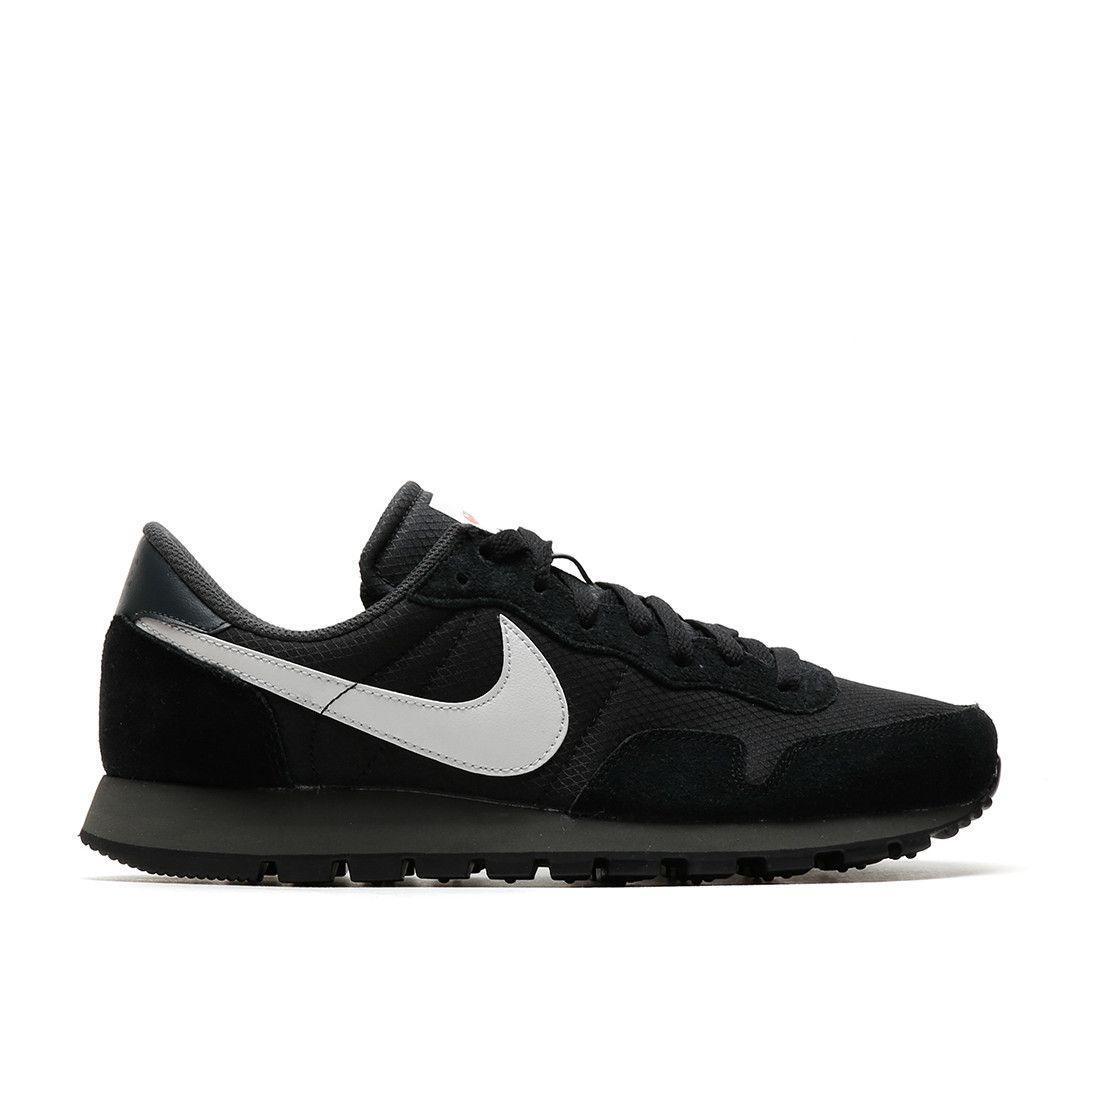 0c6d820a85ef Кроссовки Nike Air Pegasus 83 Оригинал , цена 2 299 грн., купить в ...